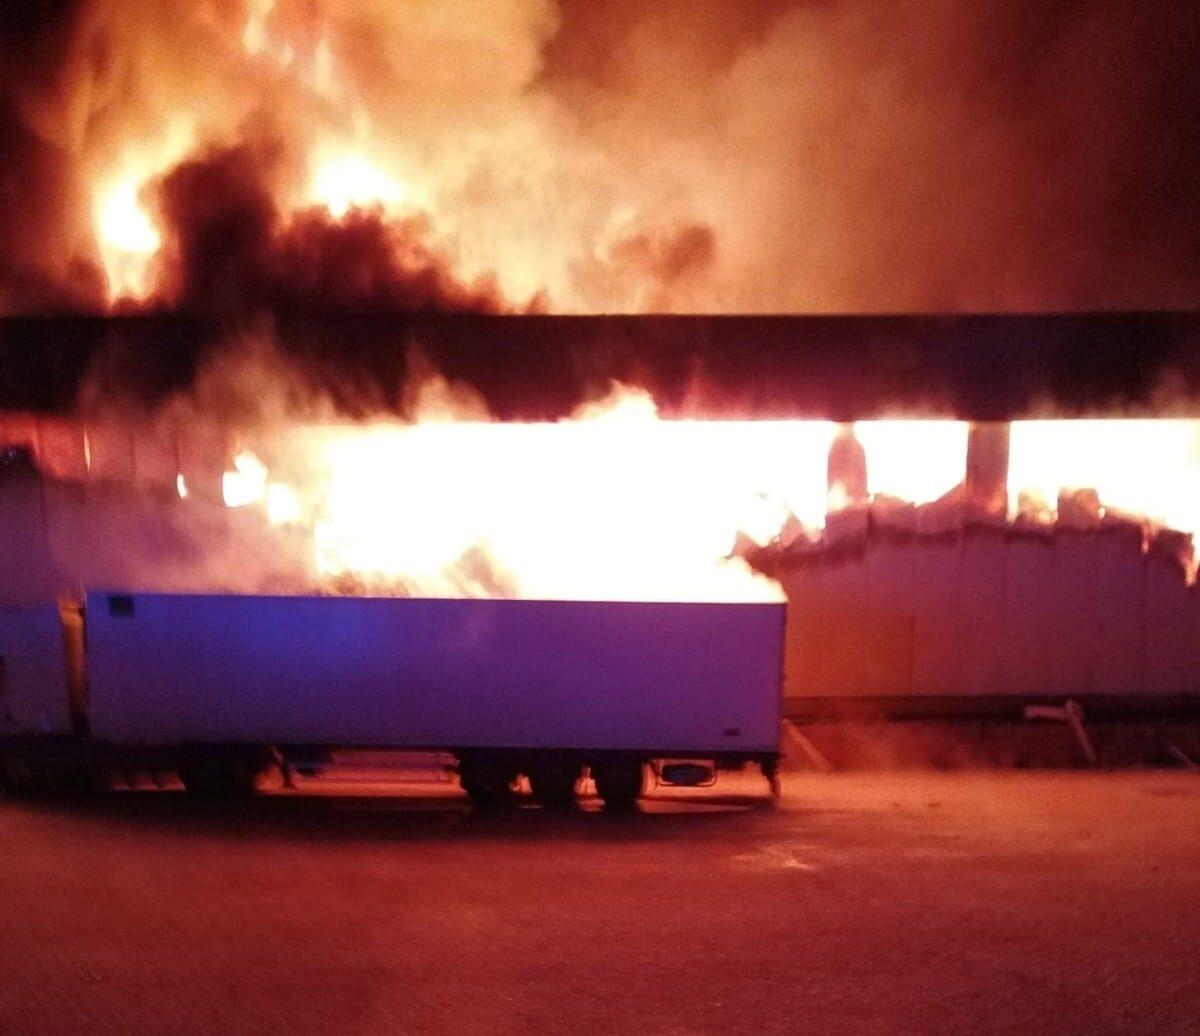 Violento incendio di un'azienda agricola marsicana